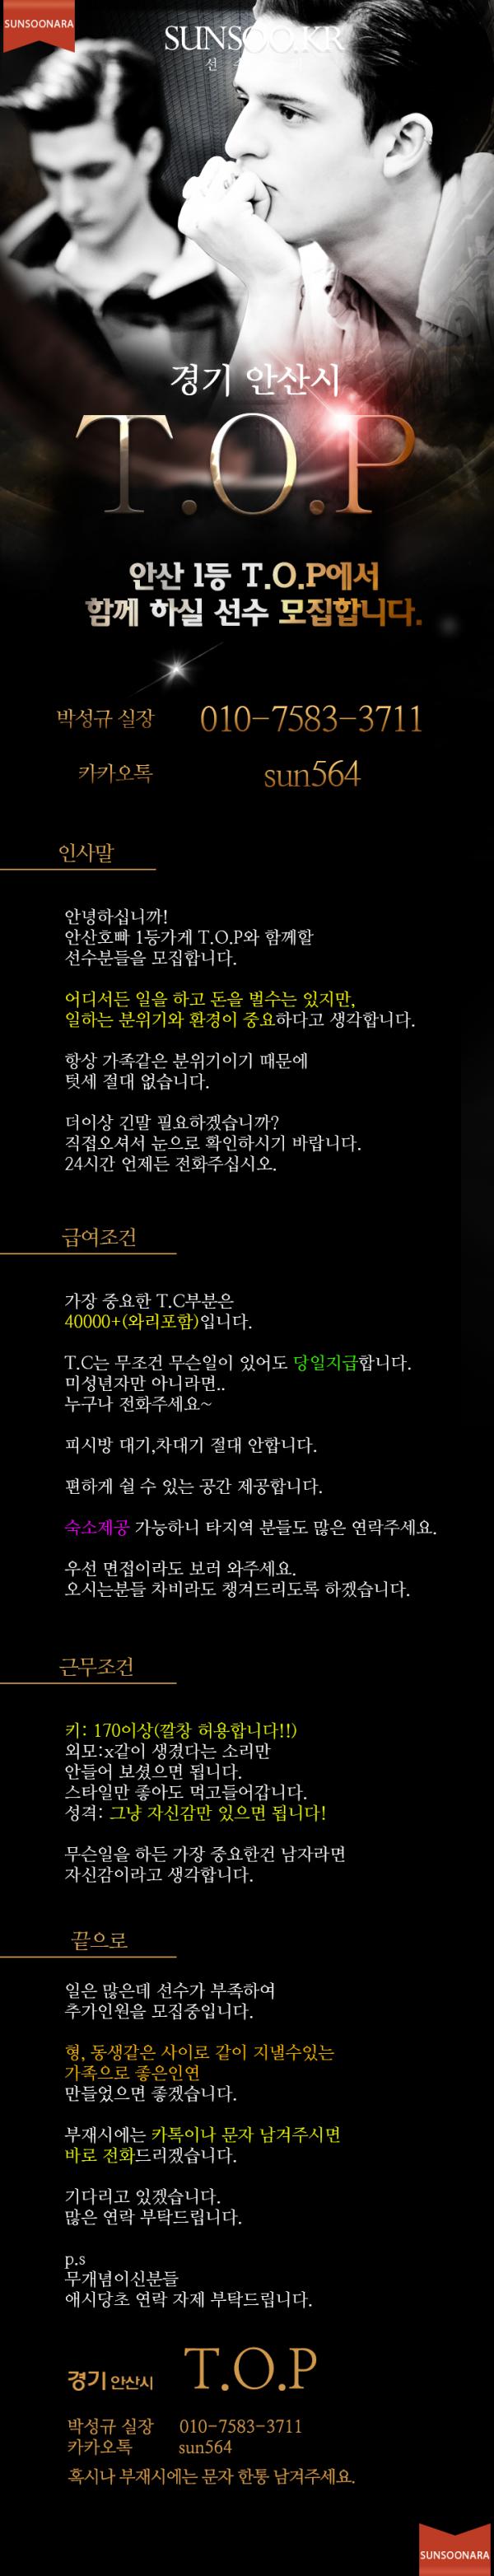 안산 T.O.P - 복사본.png